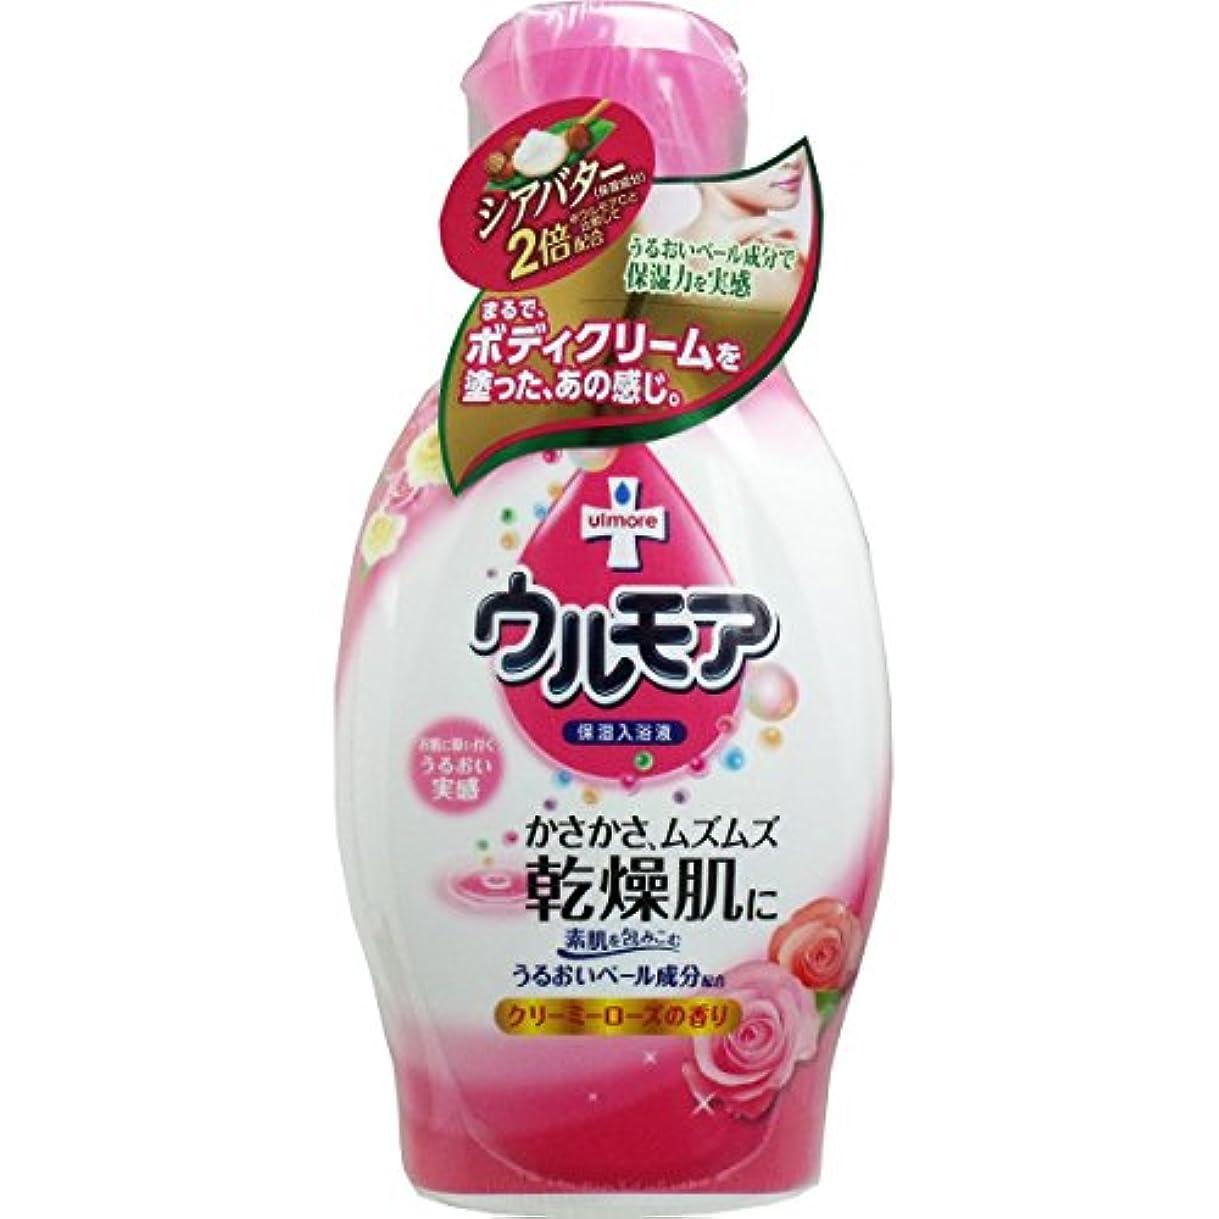 可聴入学する感染する【アース製薬】保湿入浴液ウルモアクリーミーローズの香り 600ml ×3個セット